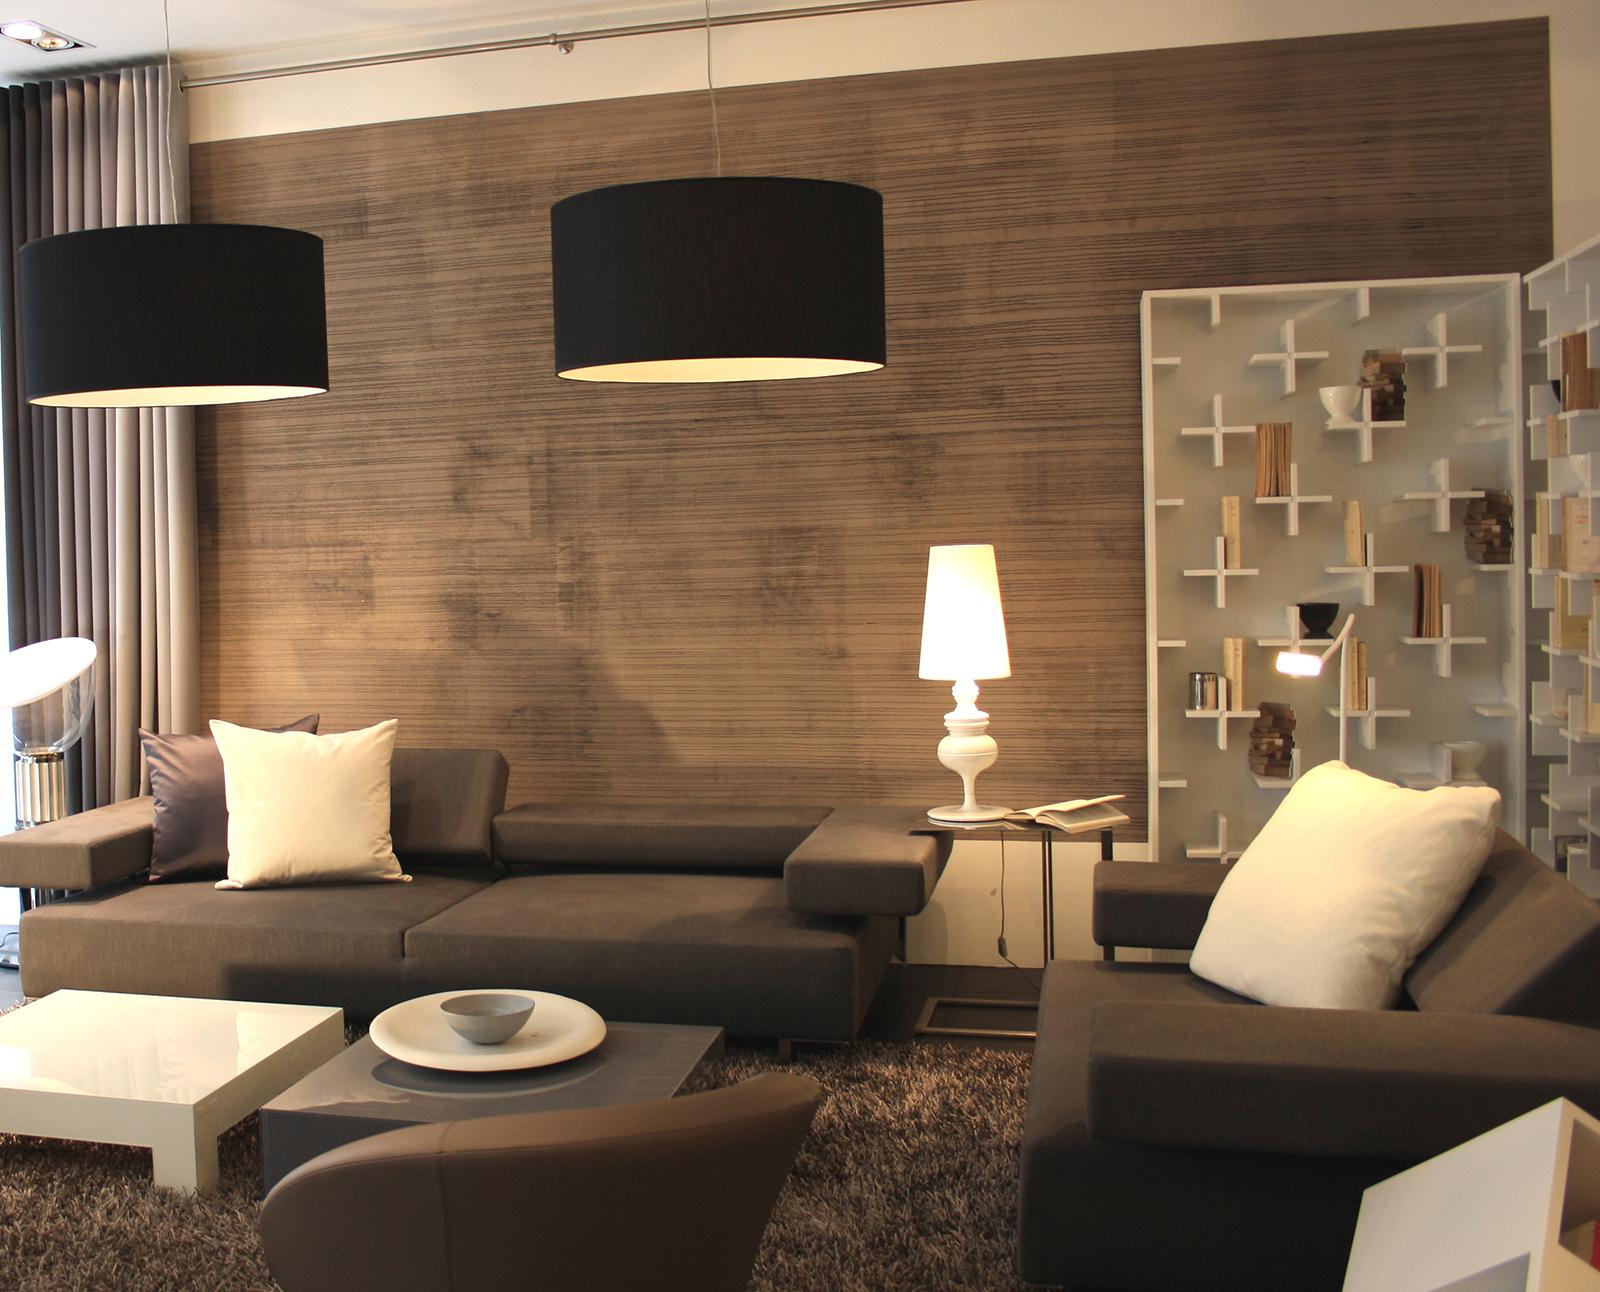 le monde est beau cr ations et uvres murales destin es l 39 architecture int rieure. Black Bedroom Furniture Sets. Home Design Ideas